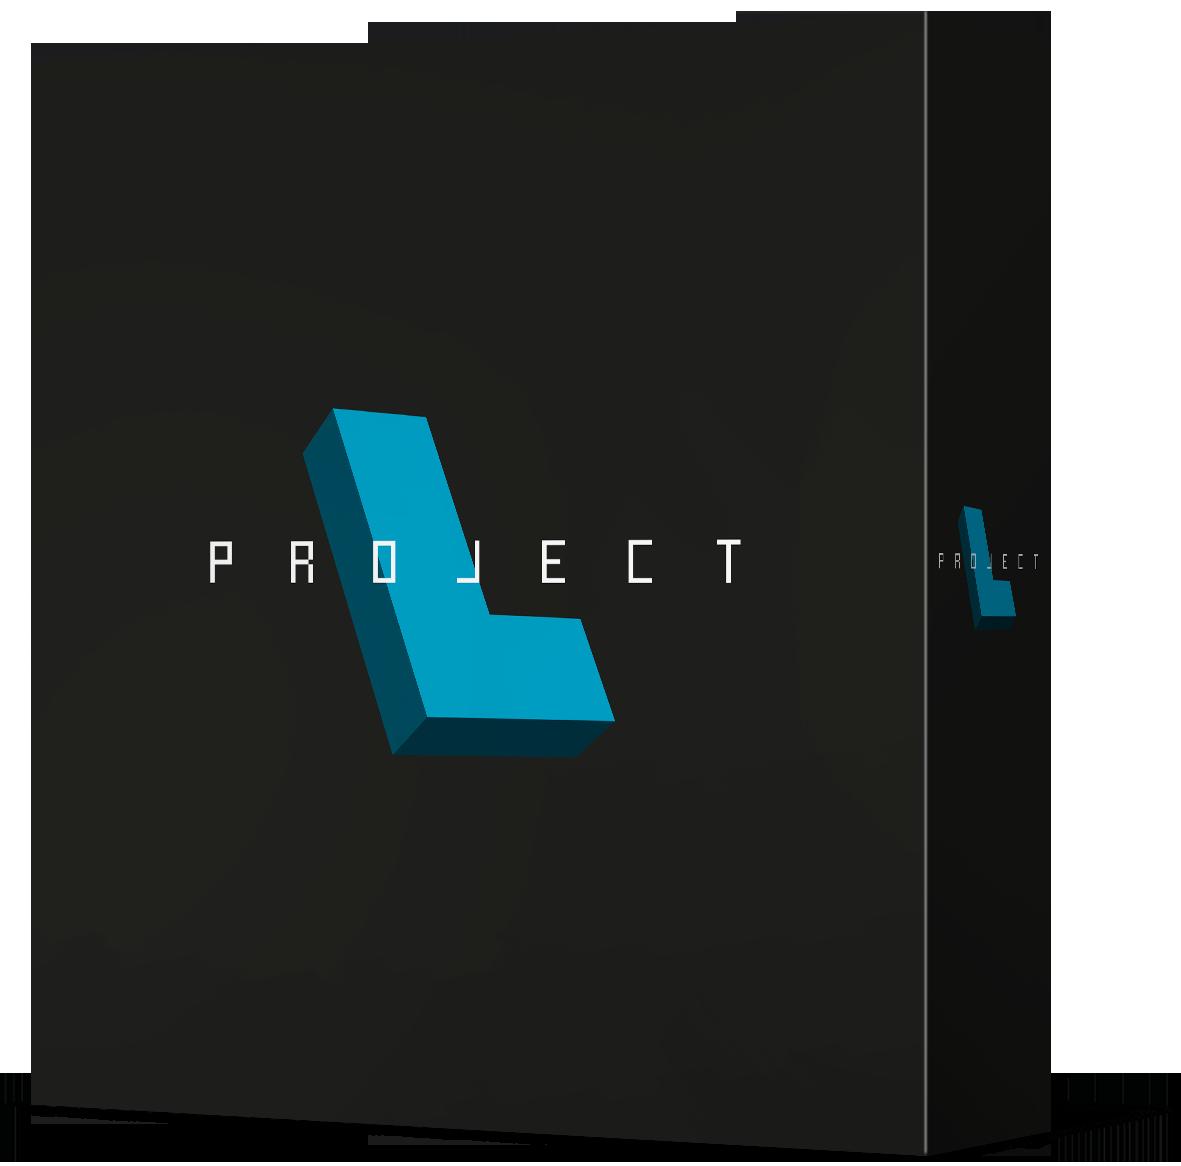 Проект L. Фото коробки